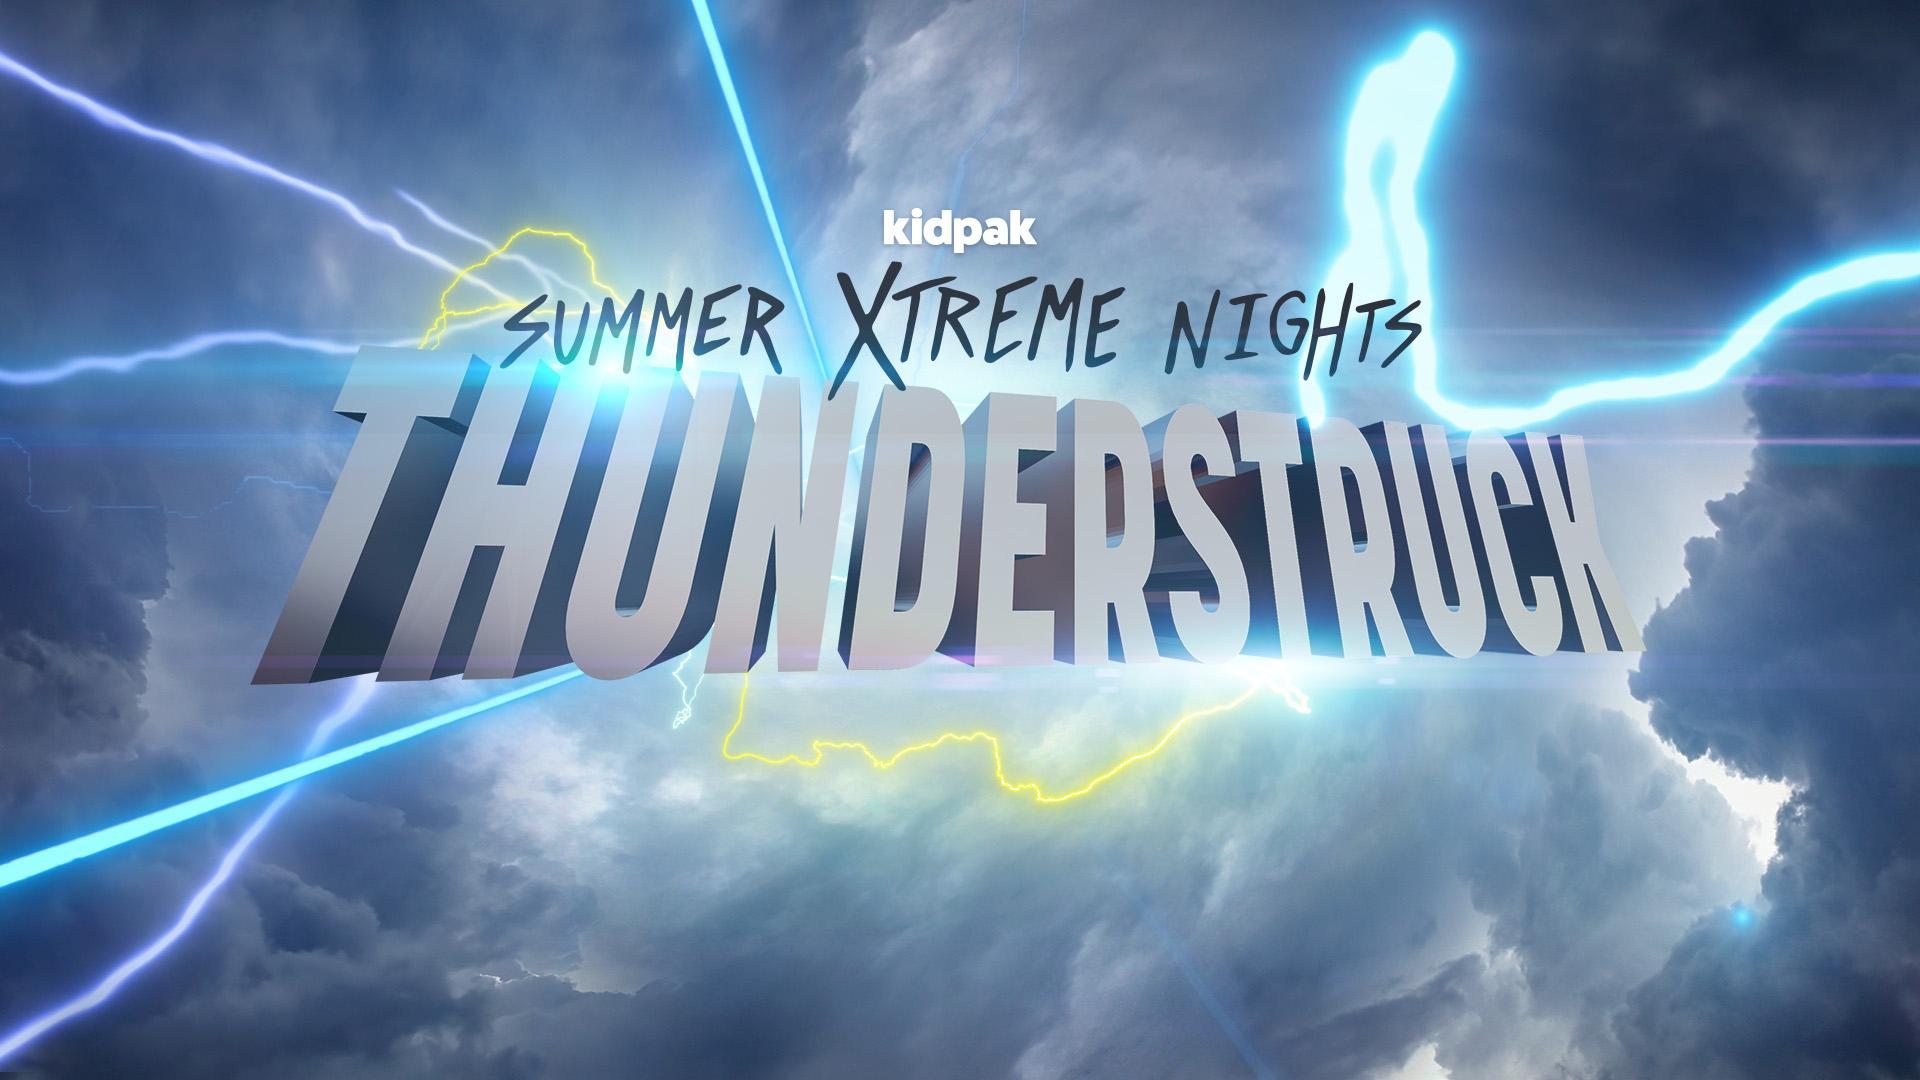 Summer Xtreme Nights Spartanburg at the Spartanburg campus